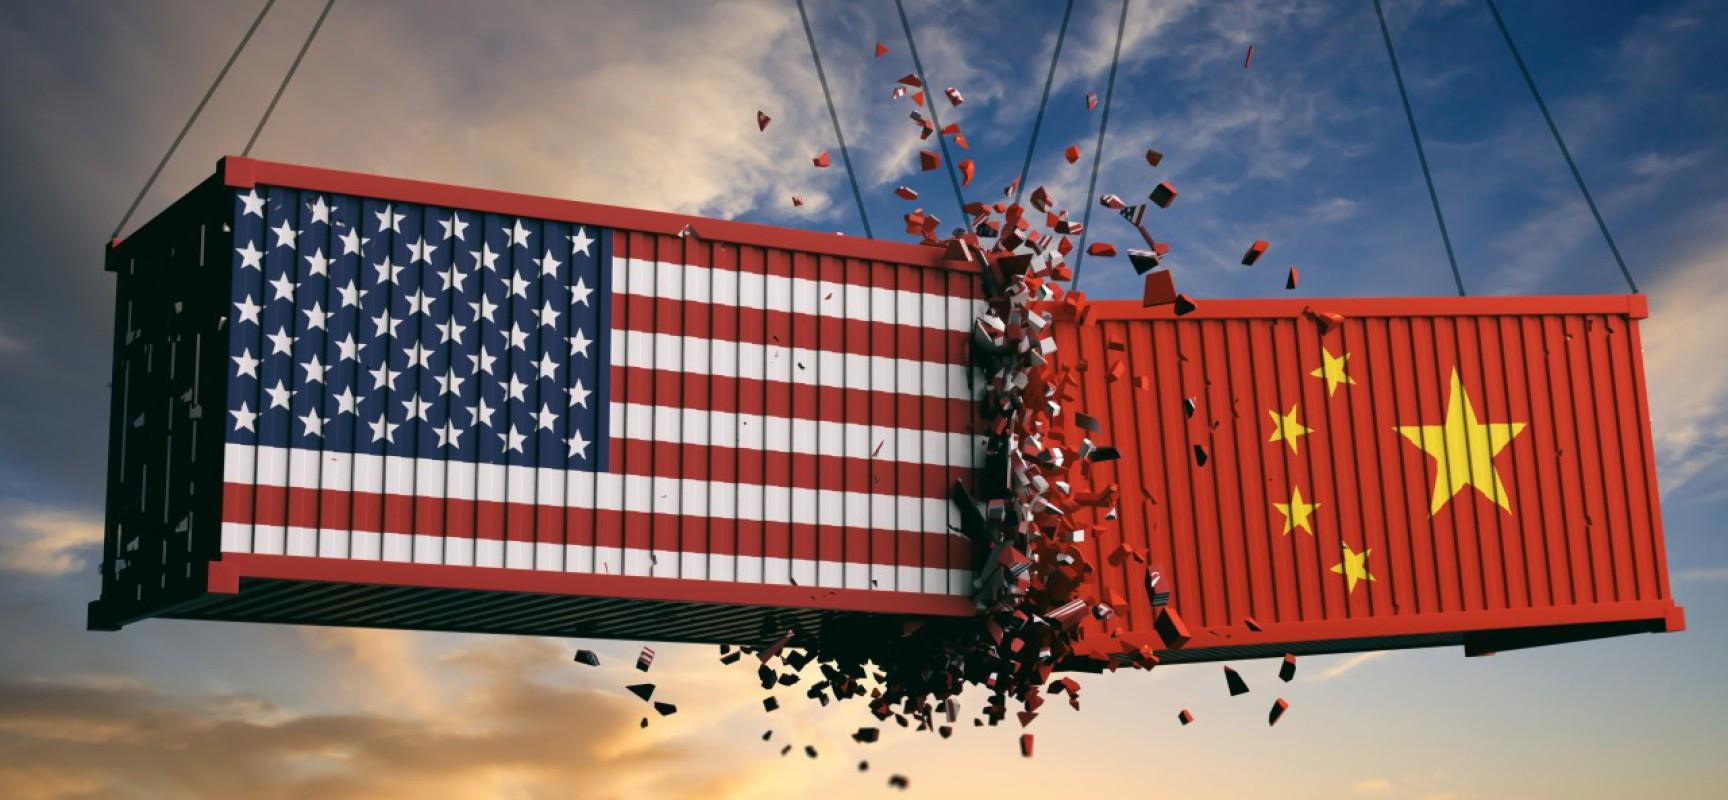 Les taxes douanières sur 200 milliards $ de biens chinois vont être relevées